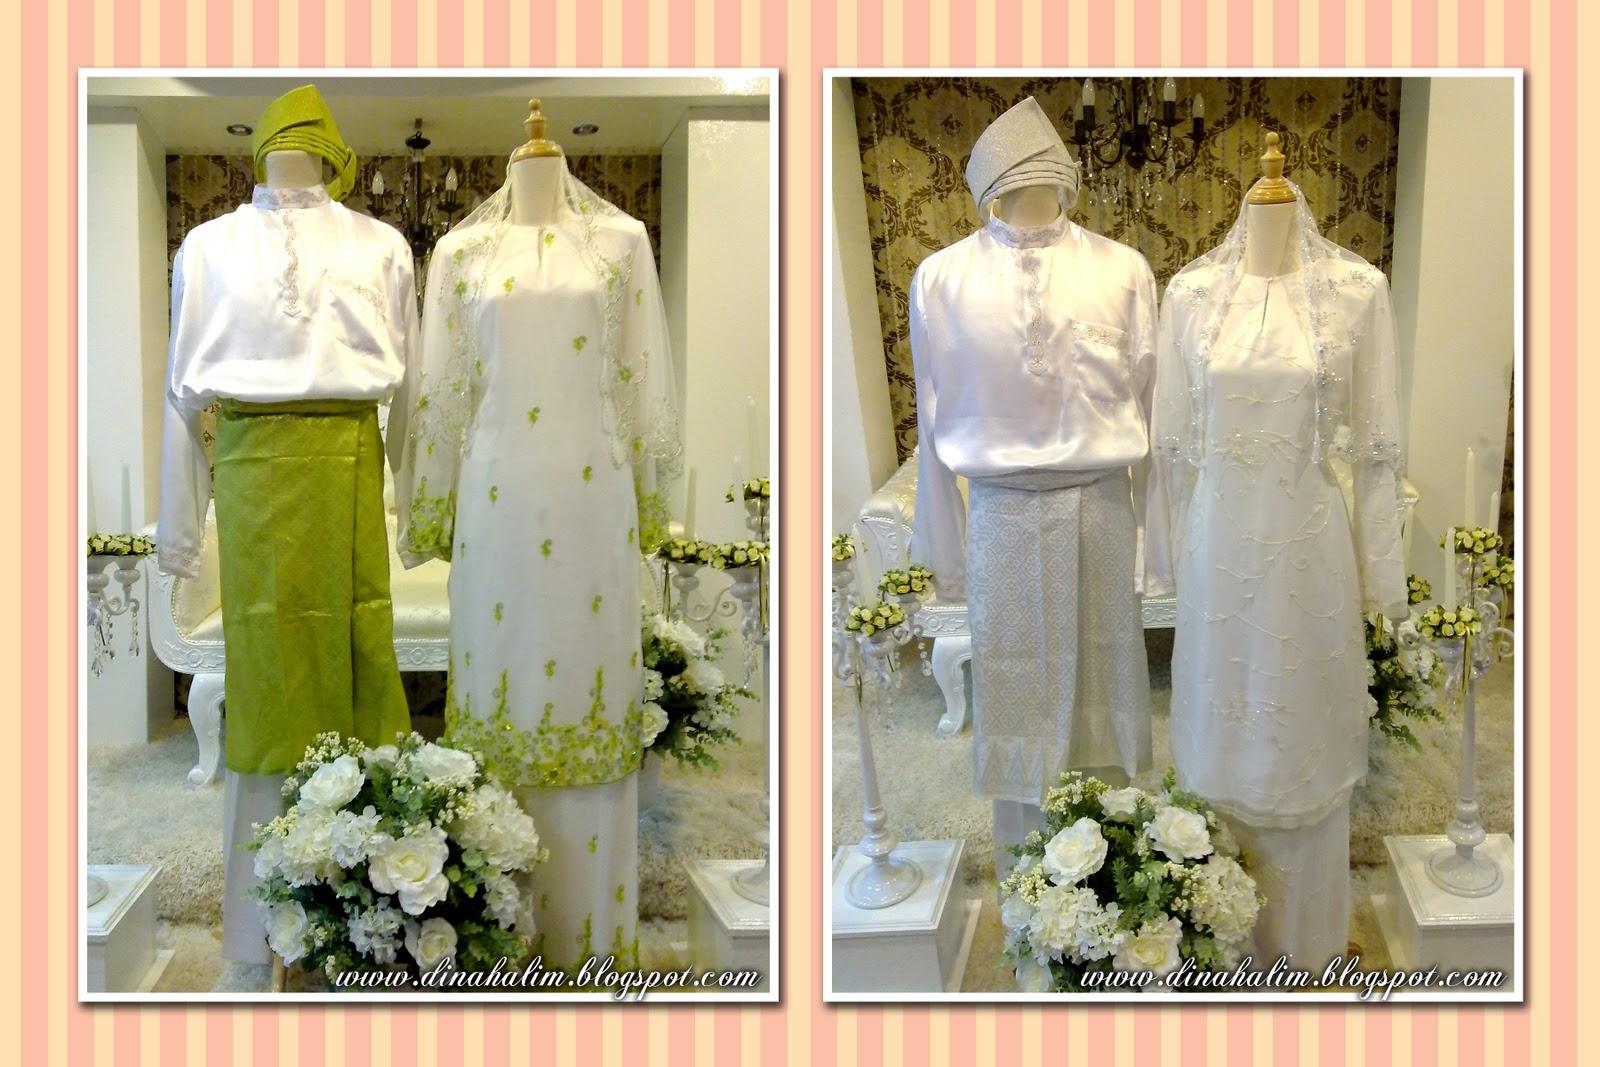 Baju Nikah Sifon Putih manik Hijau Muda & Baju Nikah Putih